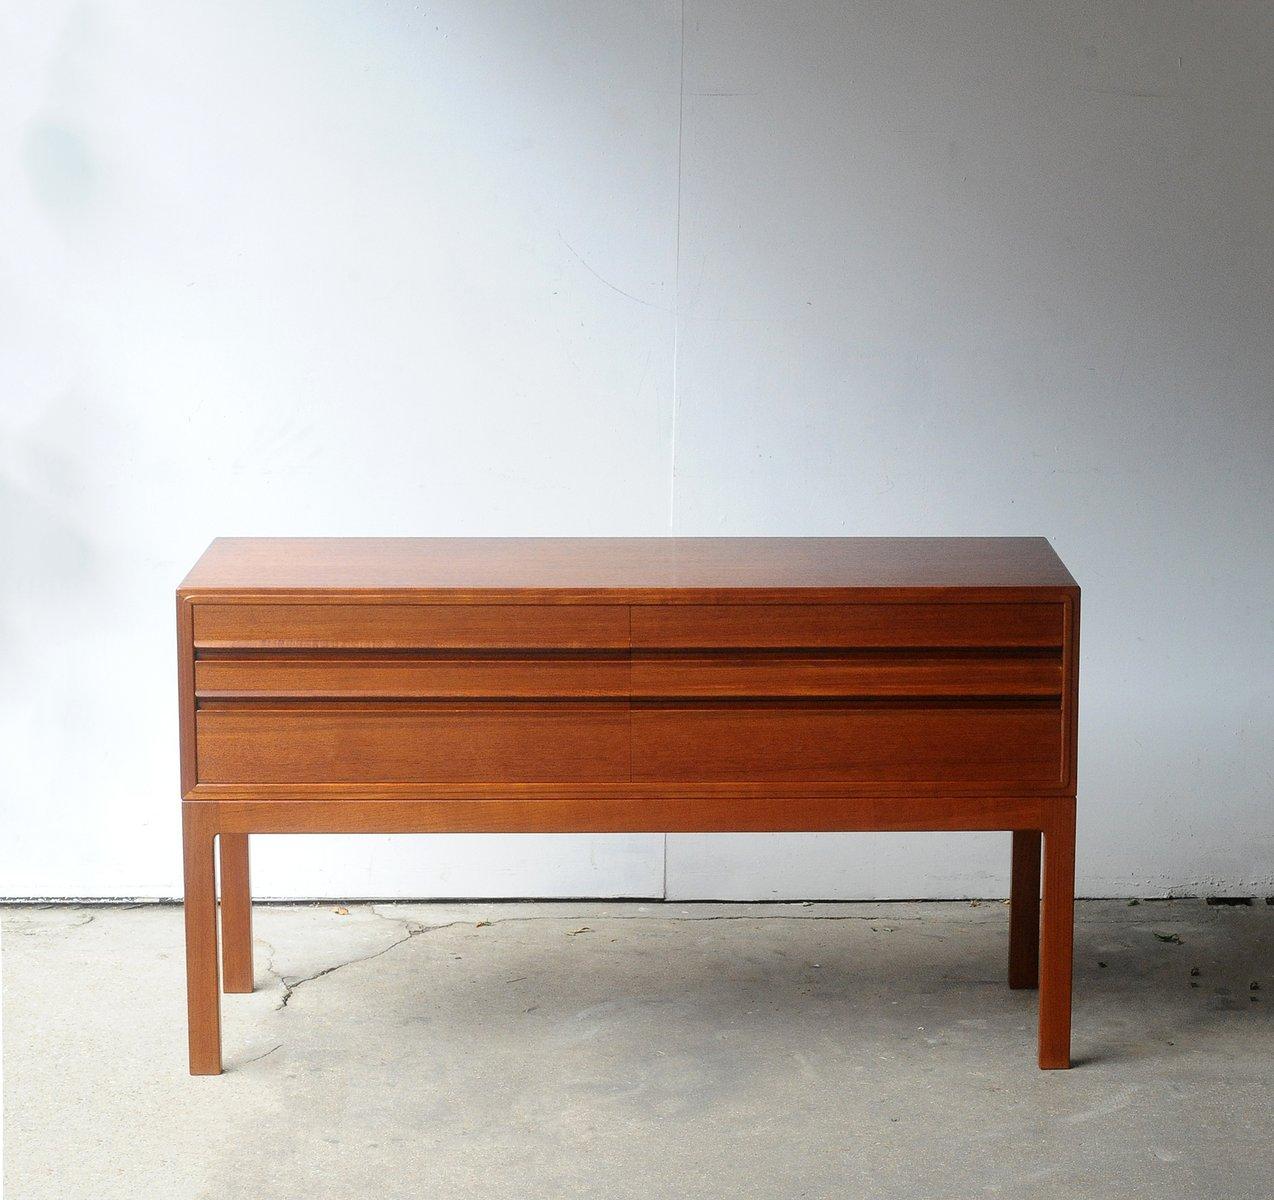 vintage commode by henry rosengren hansen for sale at pamono. Black Bedroom Furniture Sets. Home Design Ideas